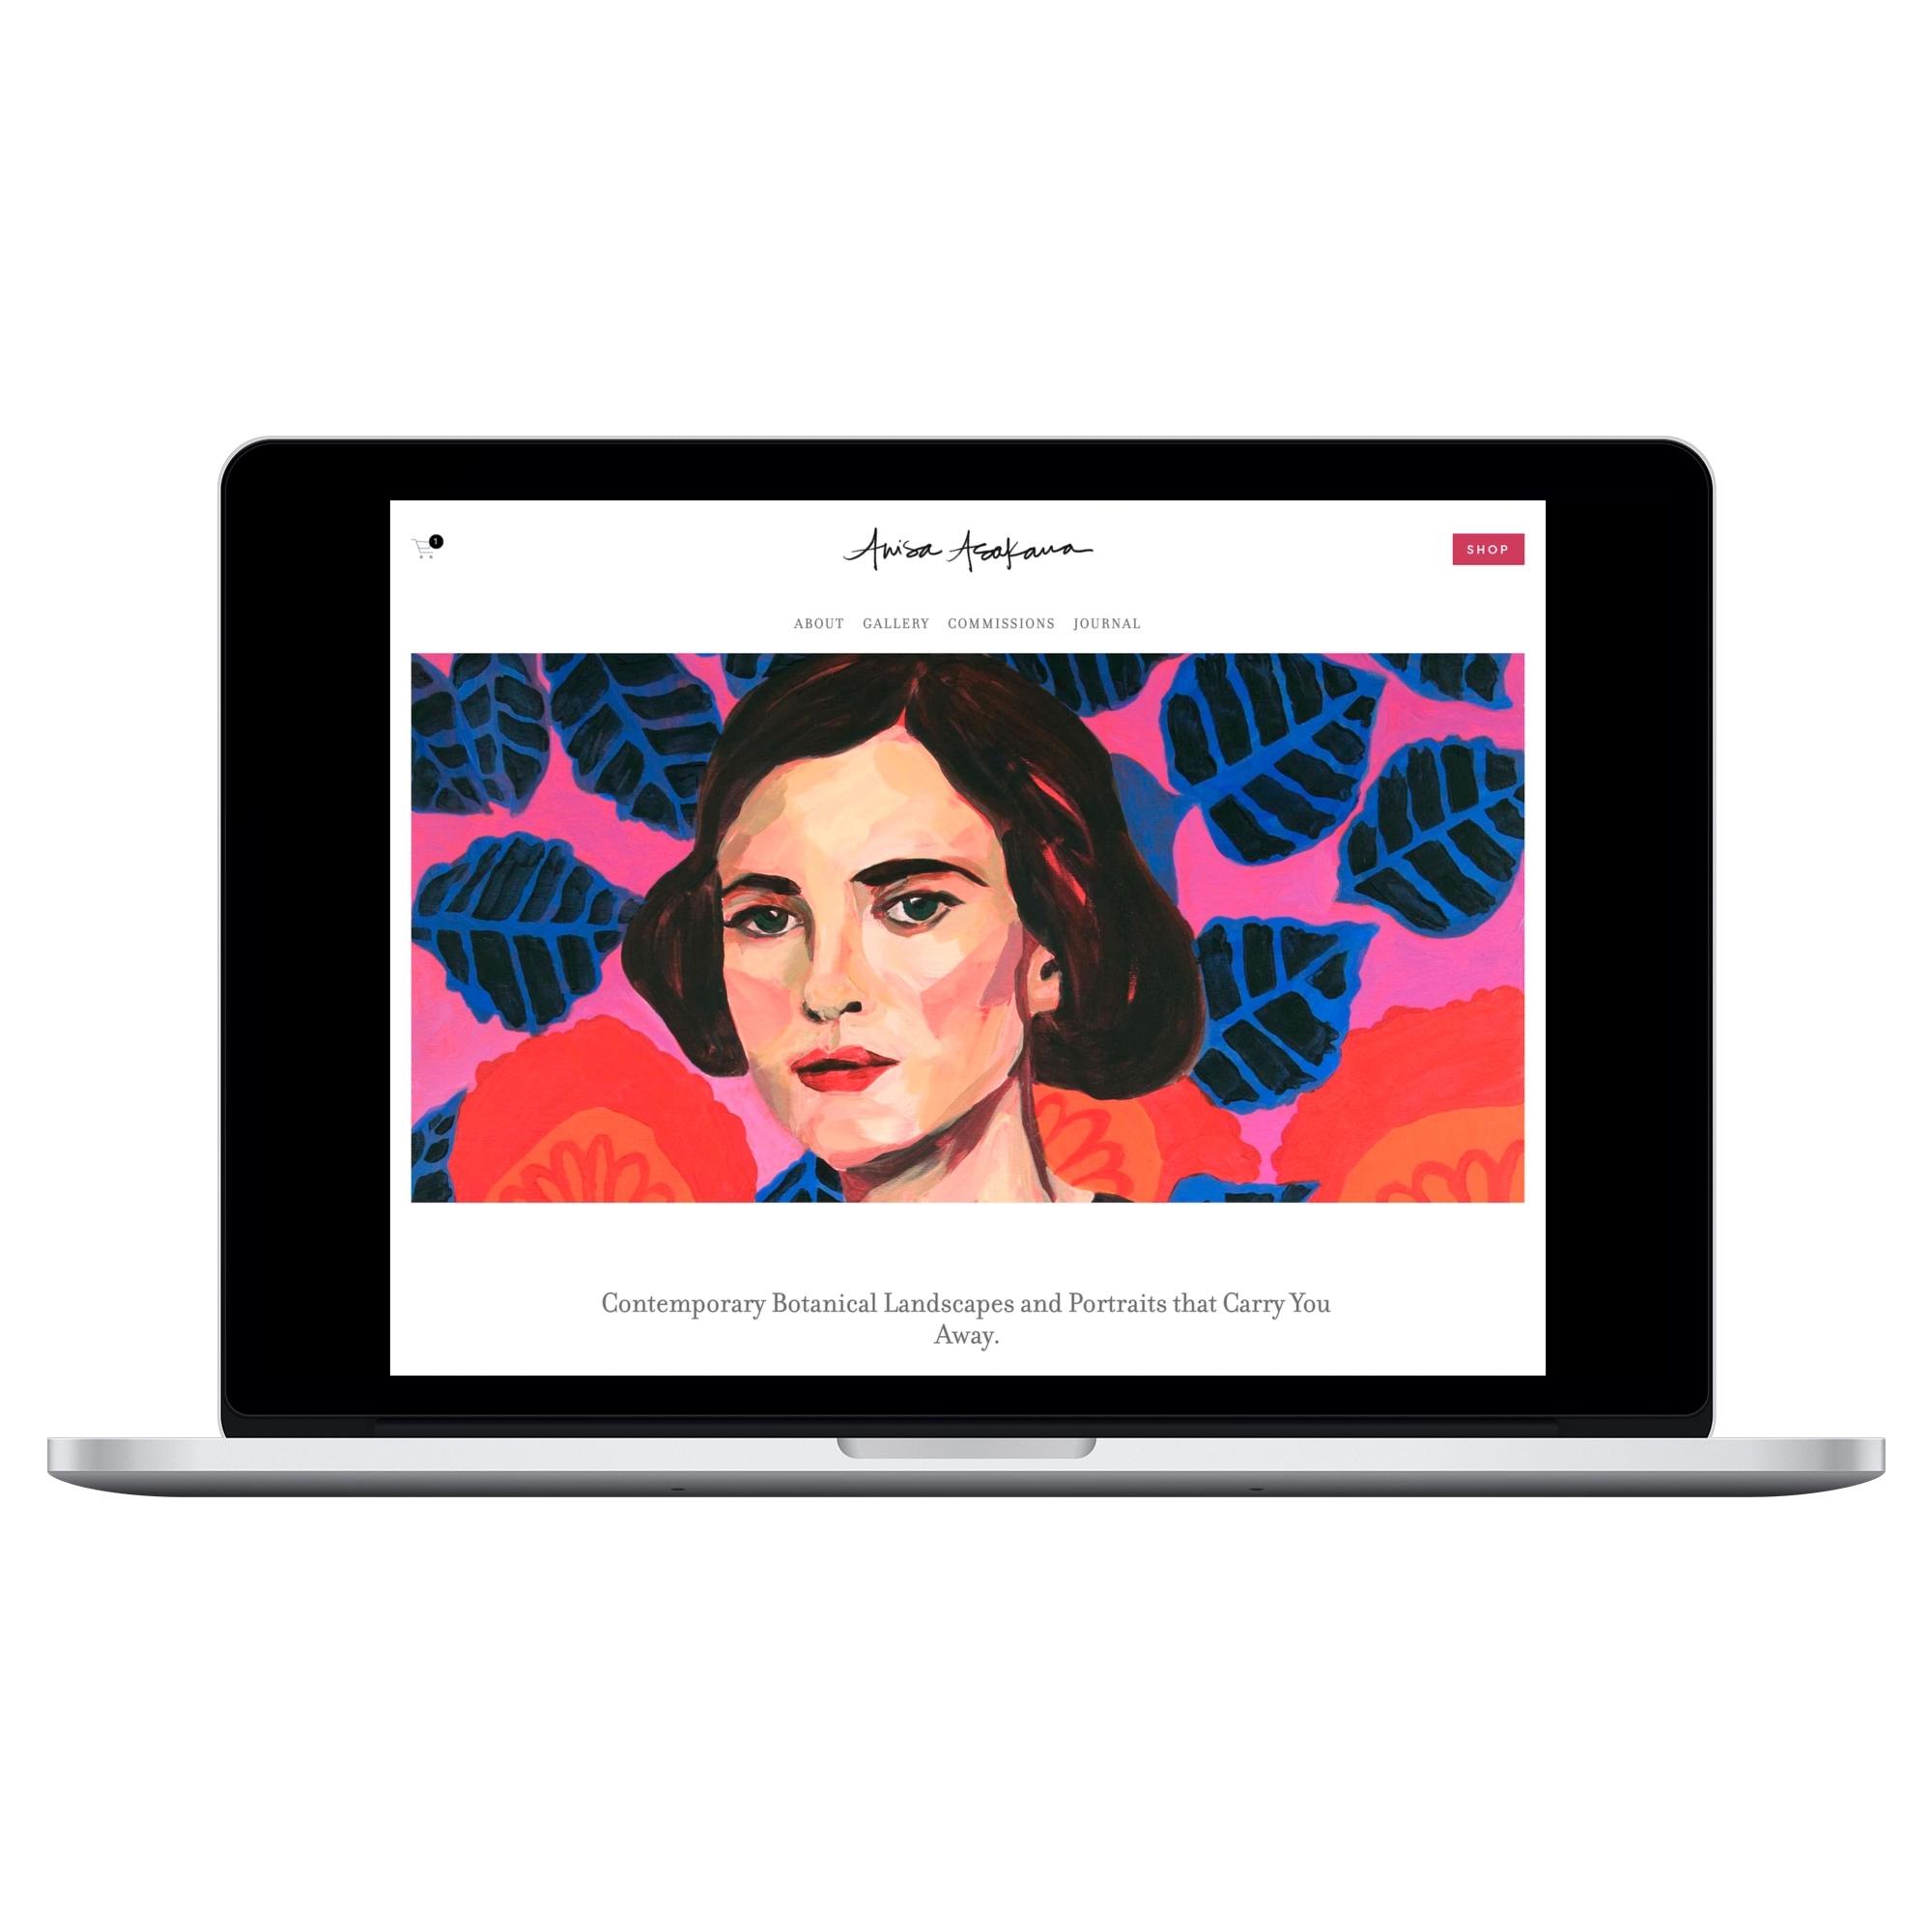 Web design, branding, and copywriting for fine artist Anisa Asakawa by Desk & Design.jpg